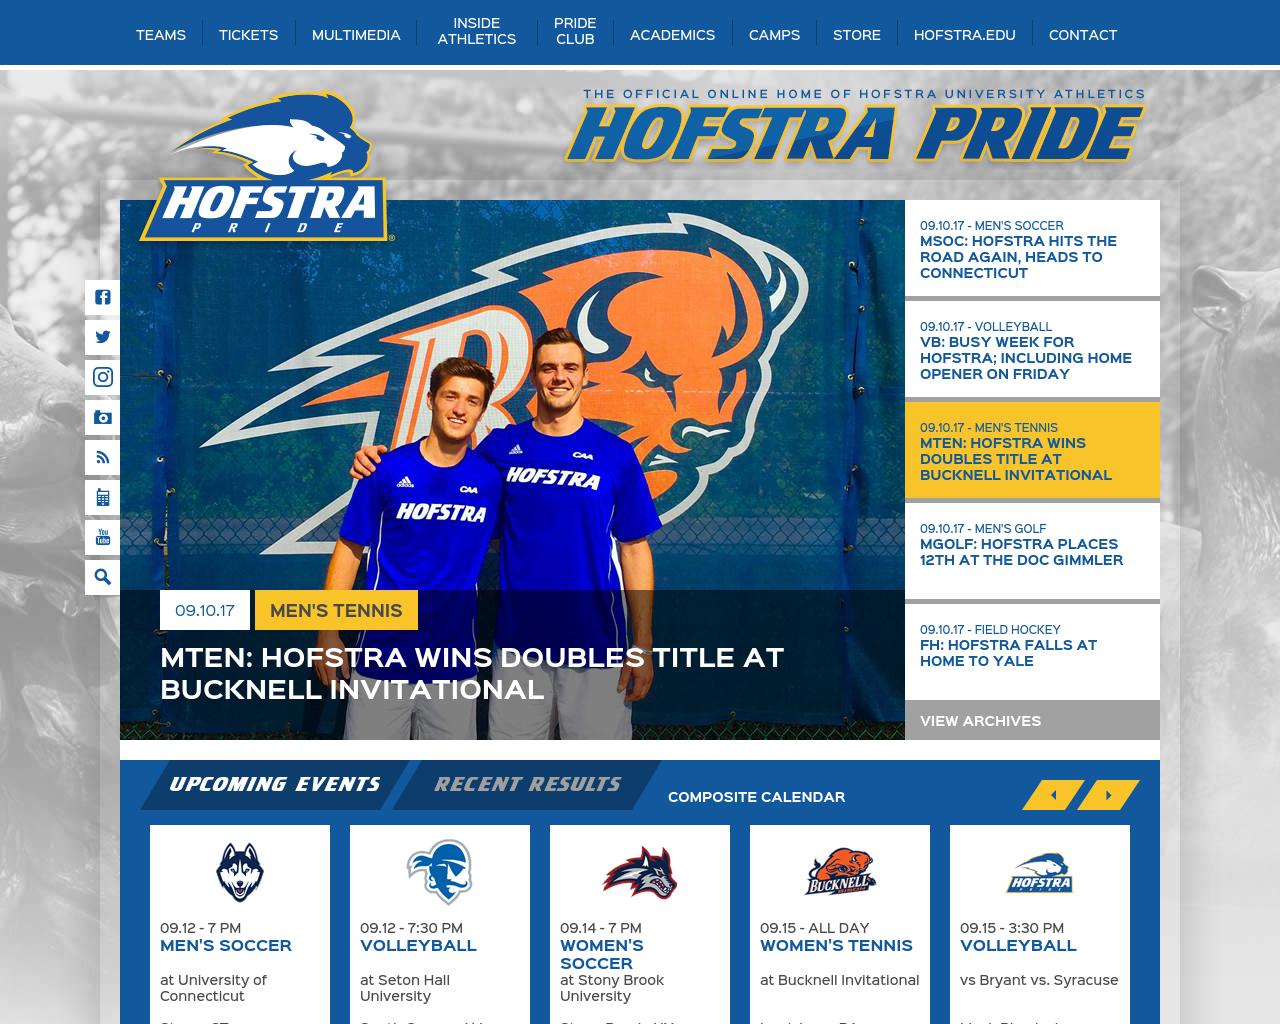 HOFSTRA-PRIDE-Advertising-Reviews-Pricing